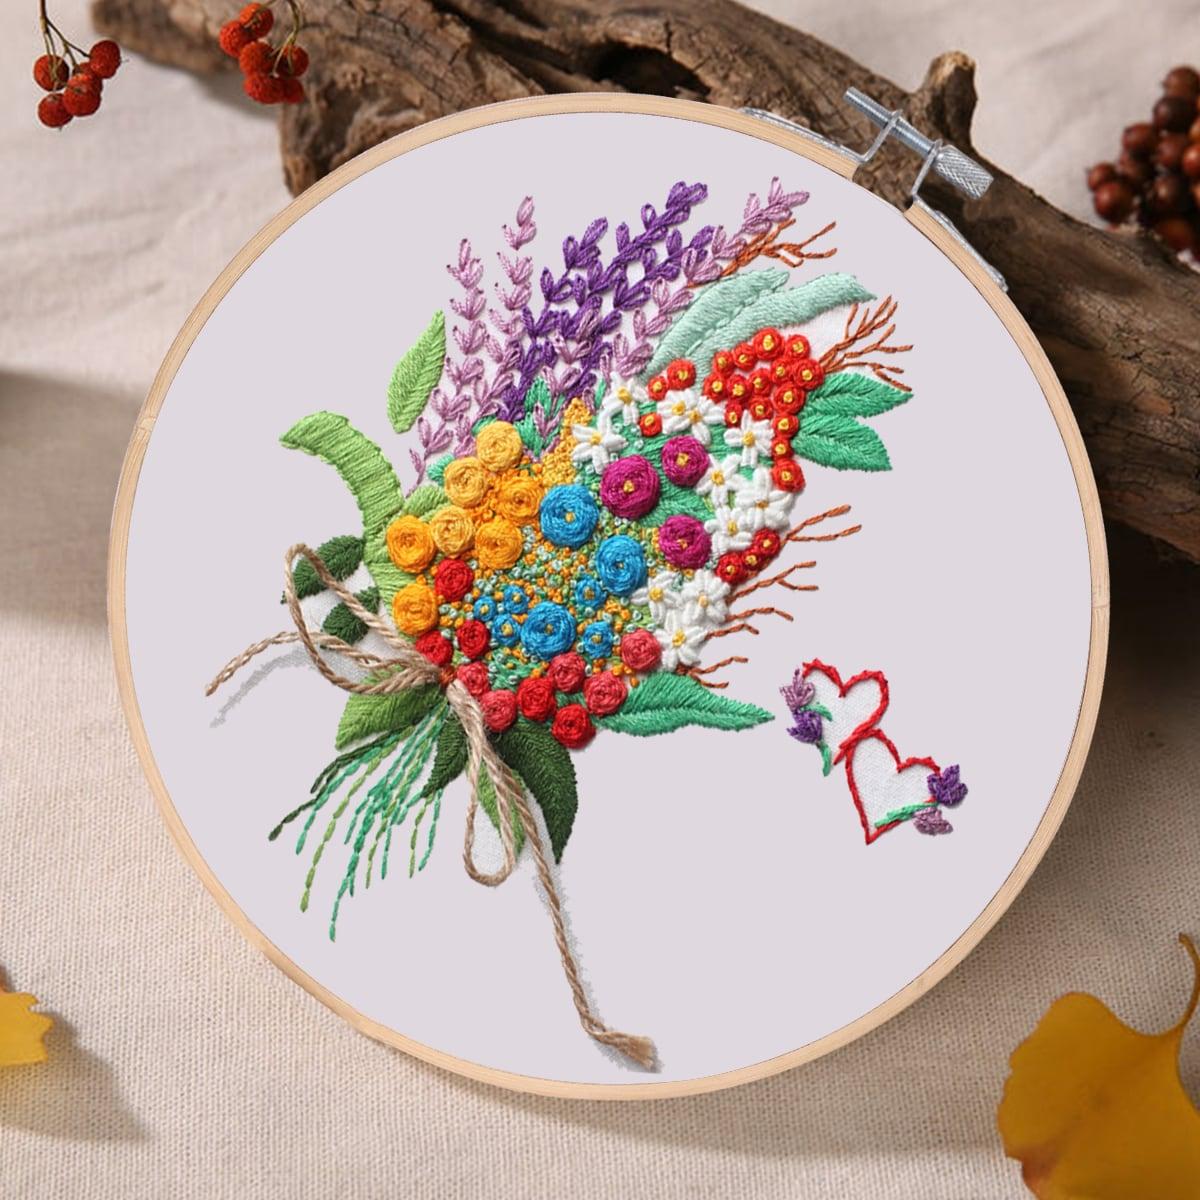 Вышивка крестиком с цветочным рисунком